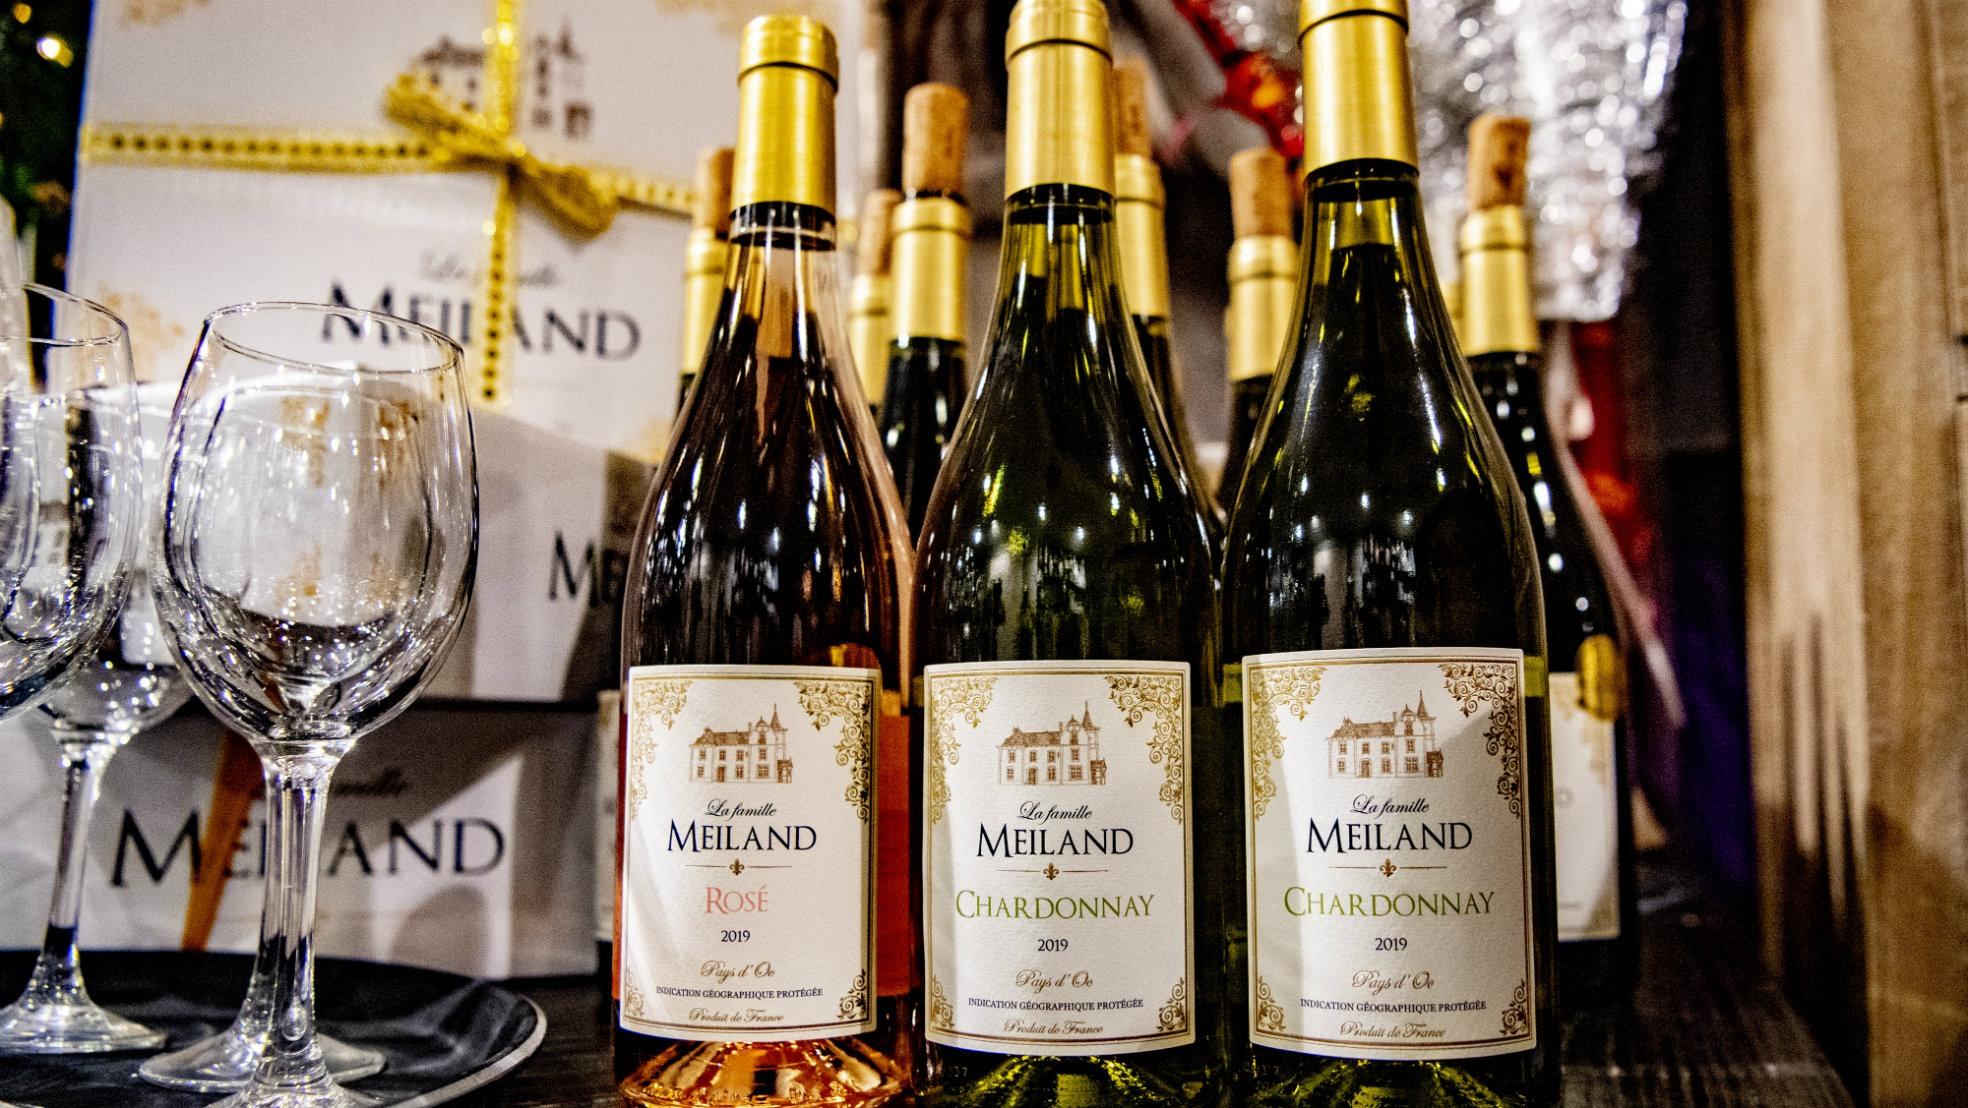 Meiland wijnen flessen